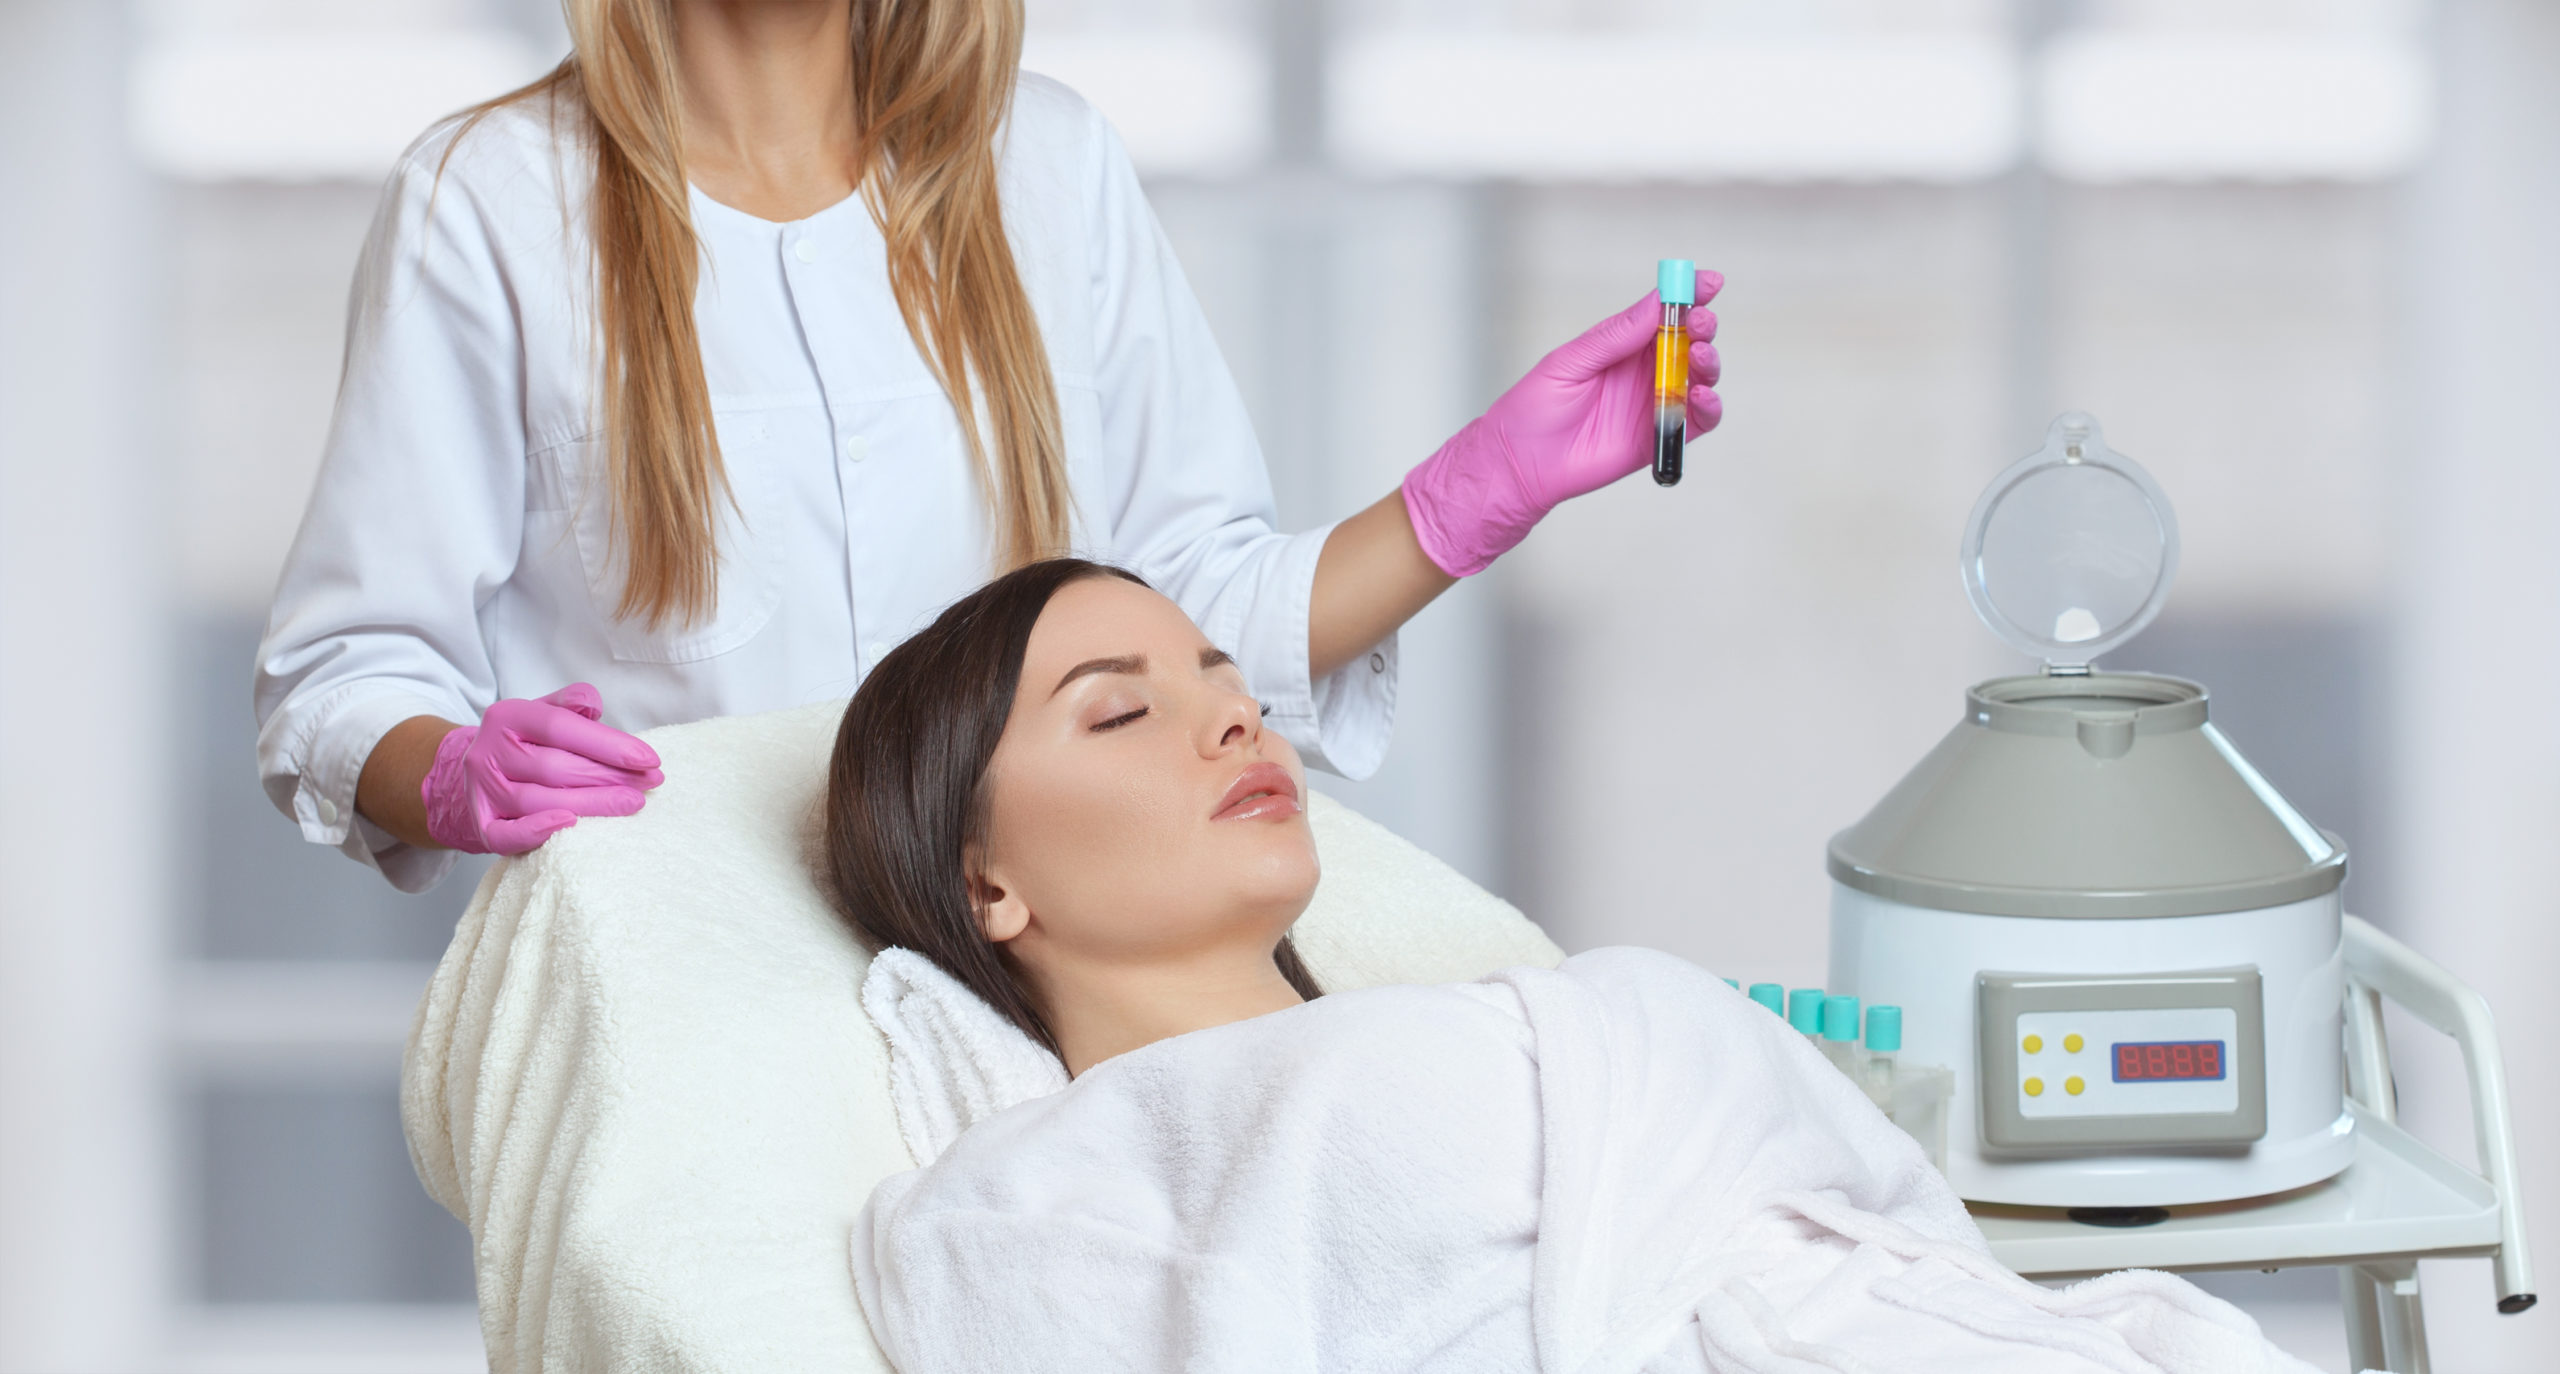 med-spa-services-prp-hair-restoration